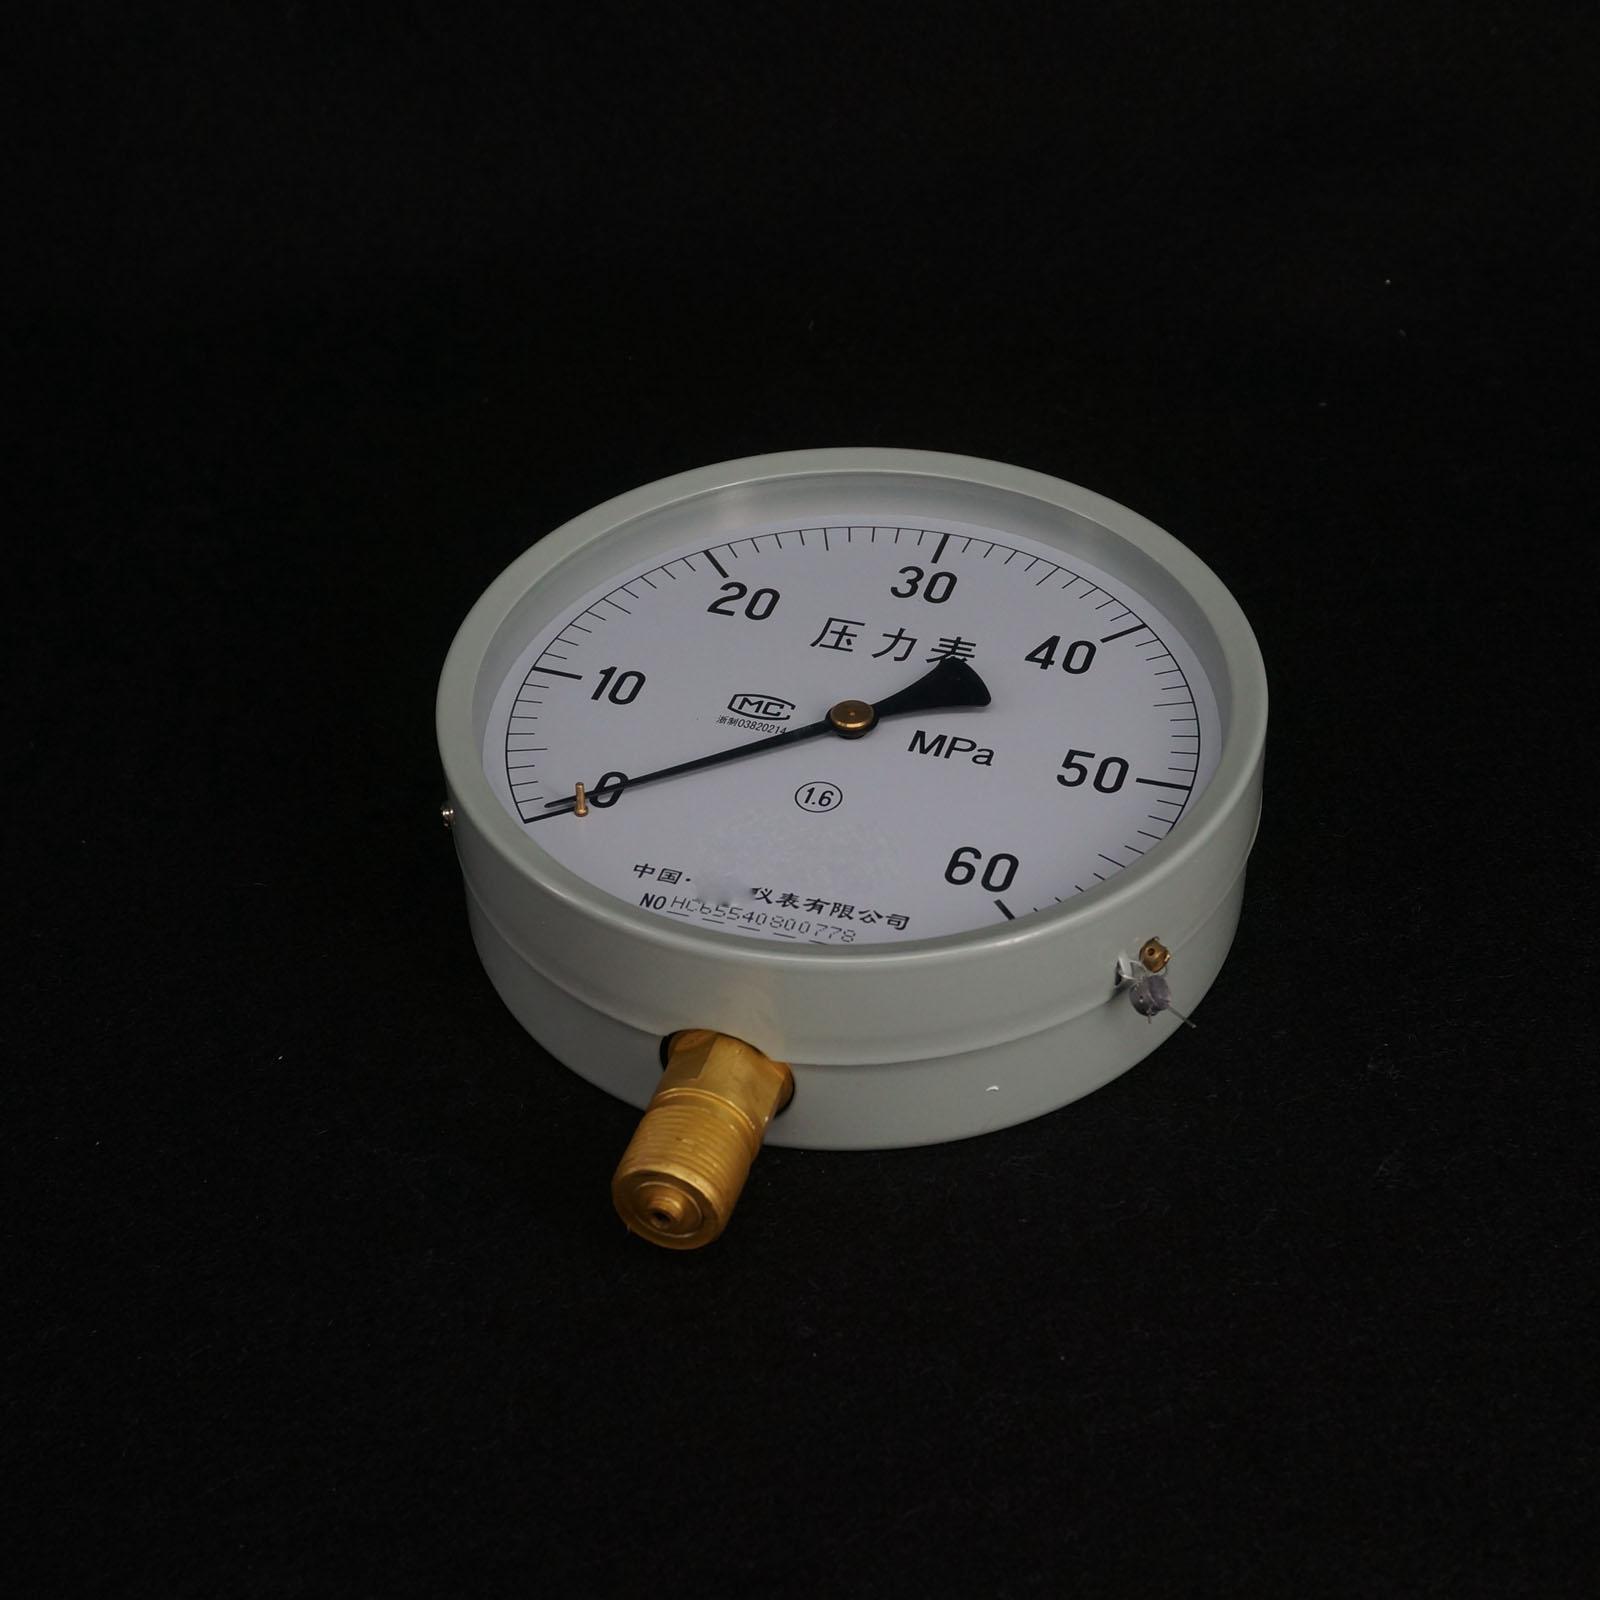 ᗐ0 60Mpa rango de medici³n Y 150 montaje radial M20x1 5 presor